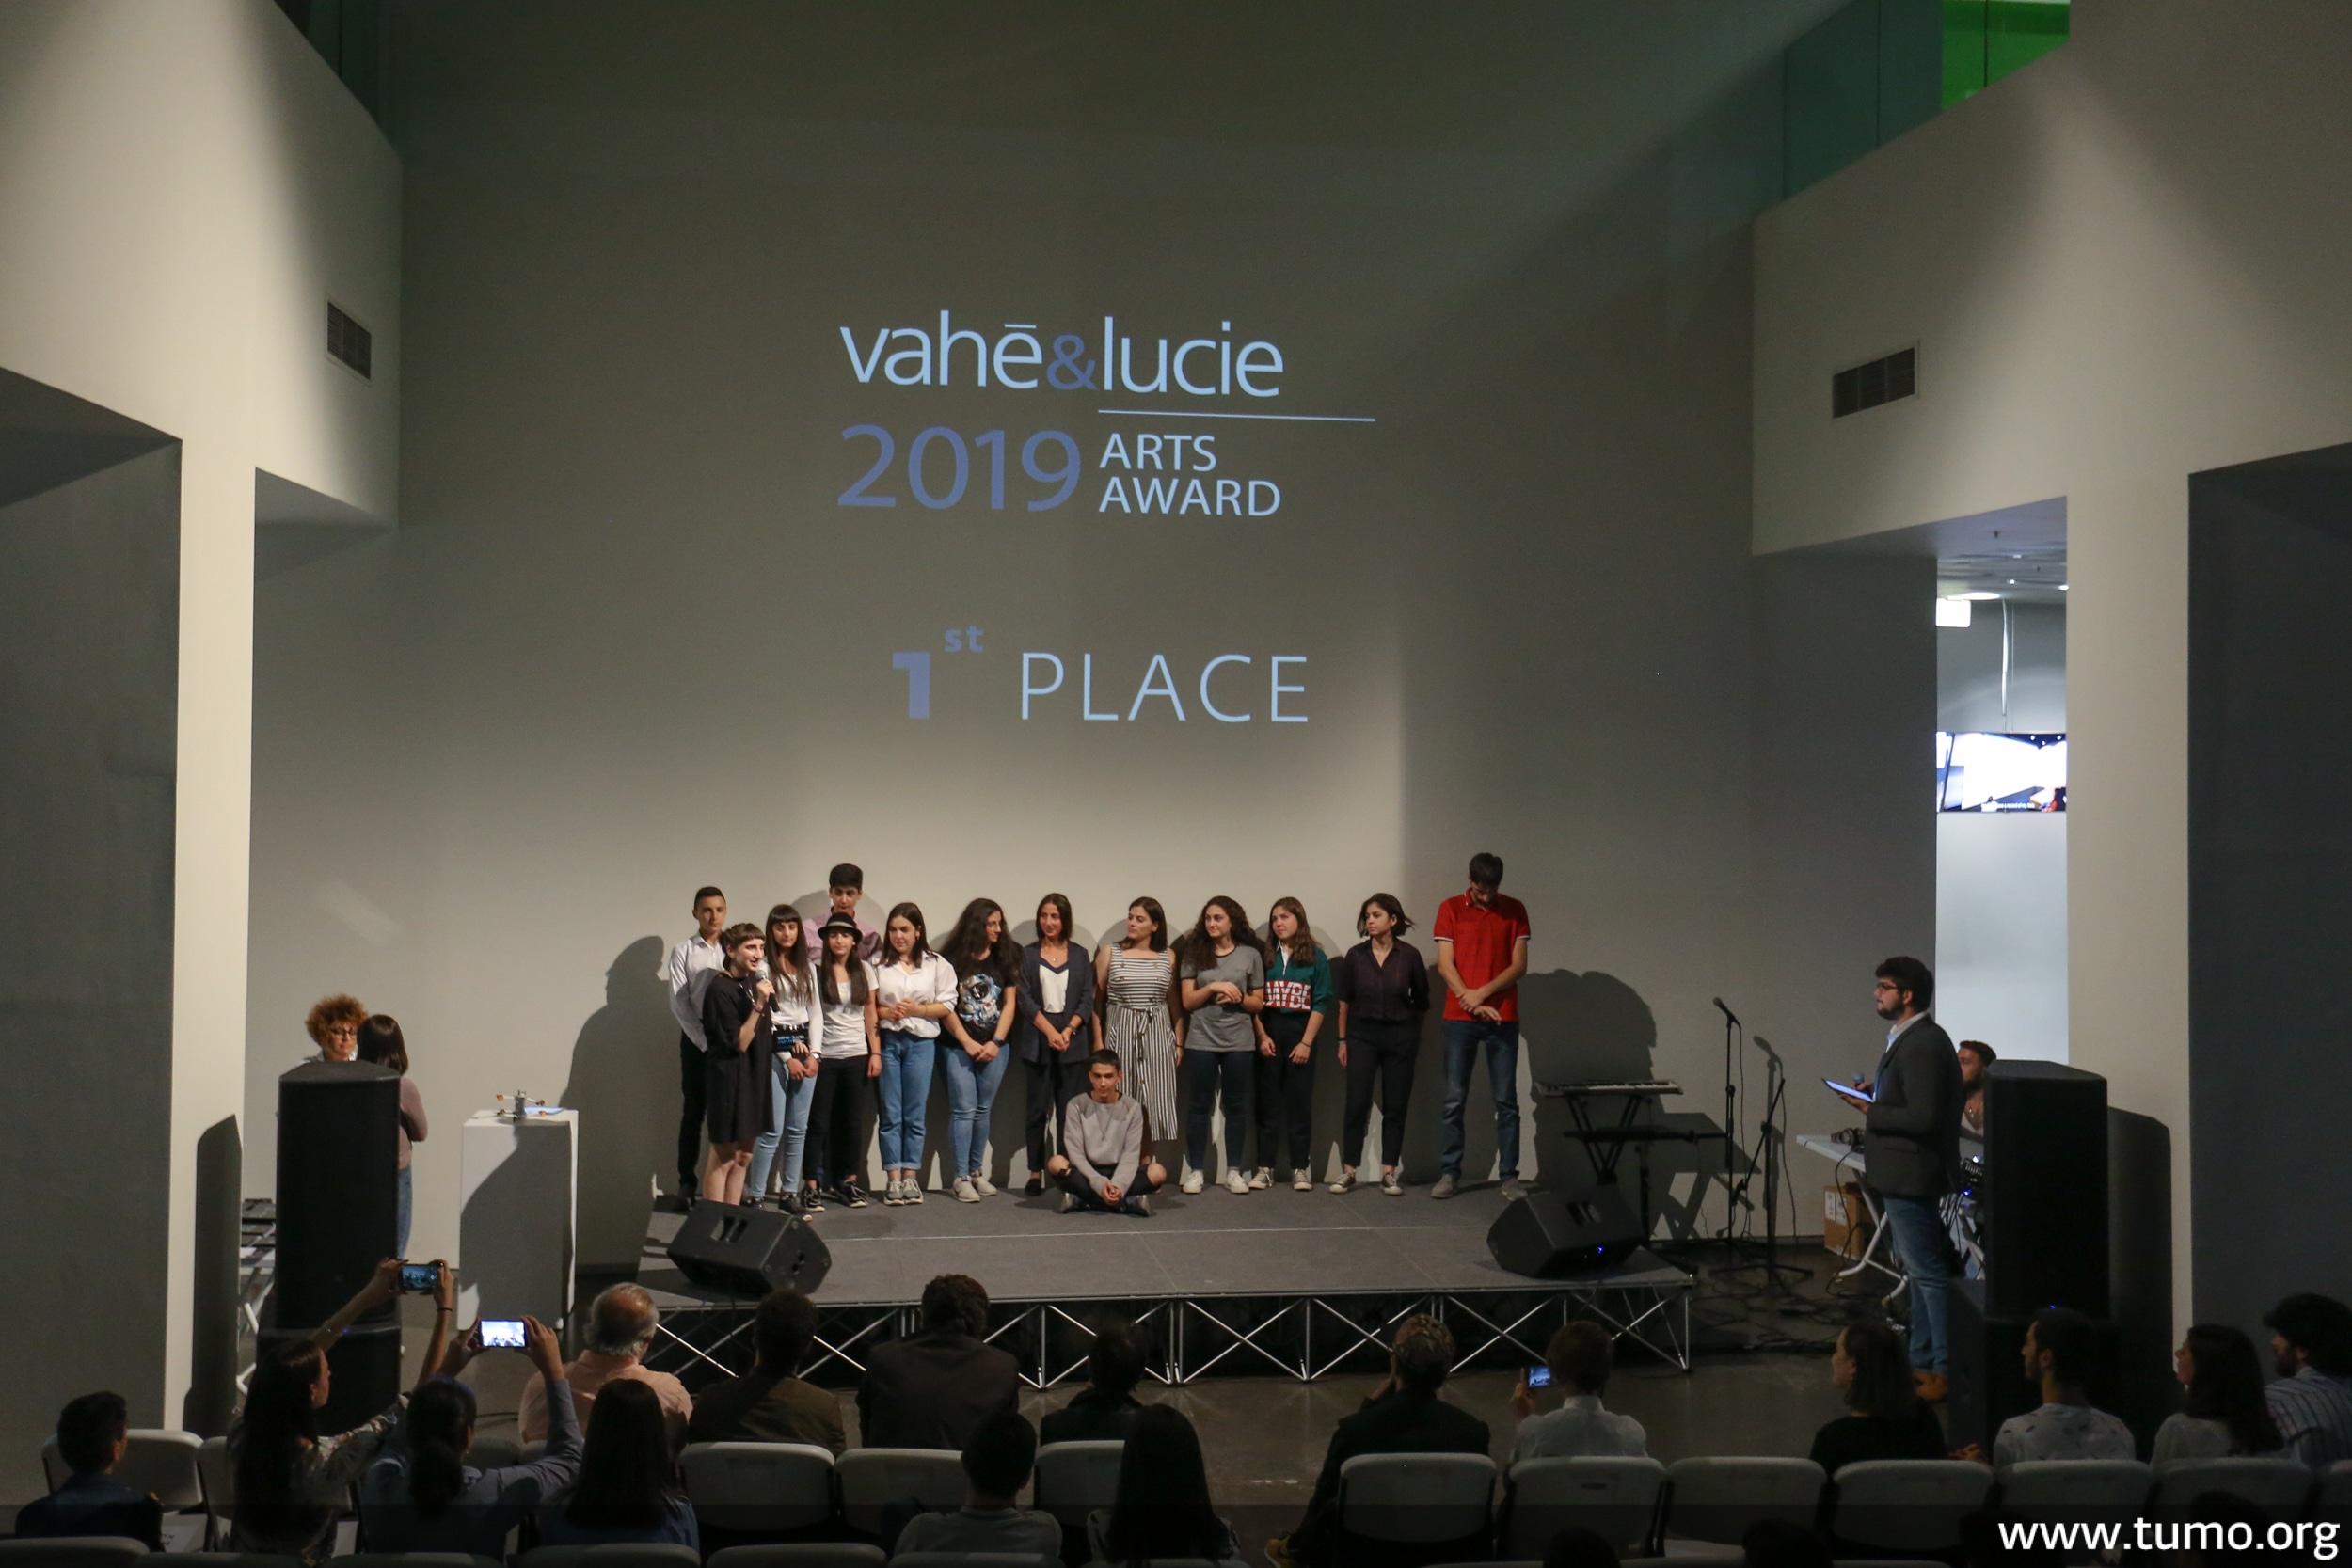 IMG 8709 1 - The 2019 Vahé & Lucie Awards Ceremony